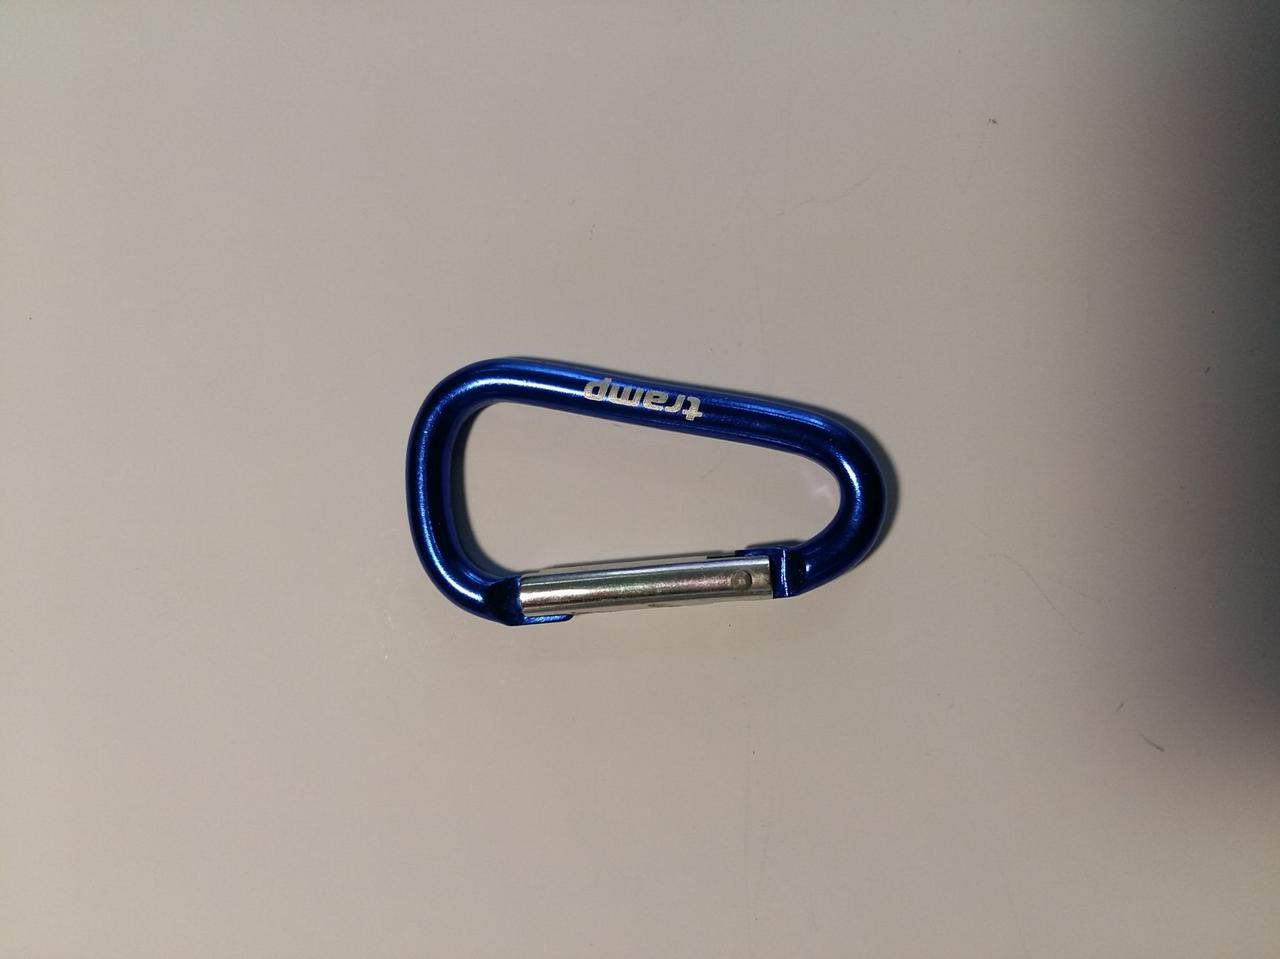 Карабін Tramp алюмінієвий, розмір 5 см, без муфти,блакитний арт.TRA-058